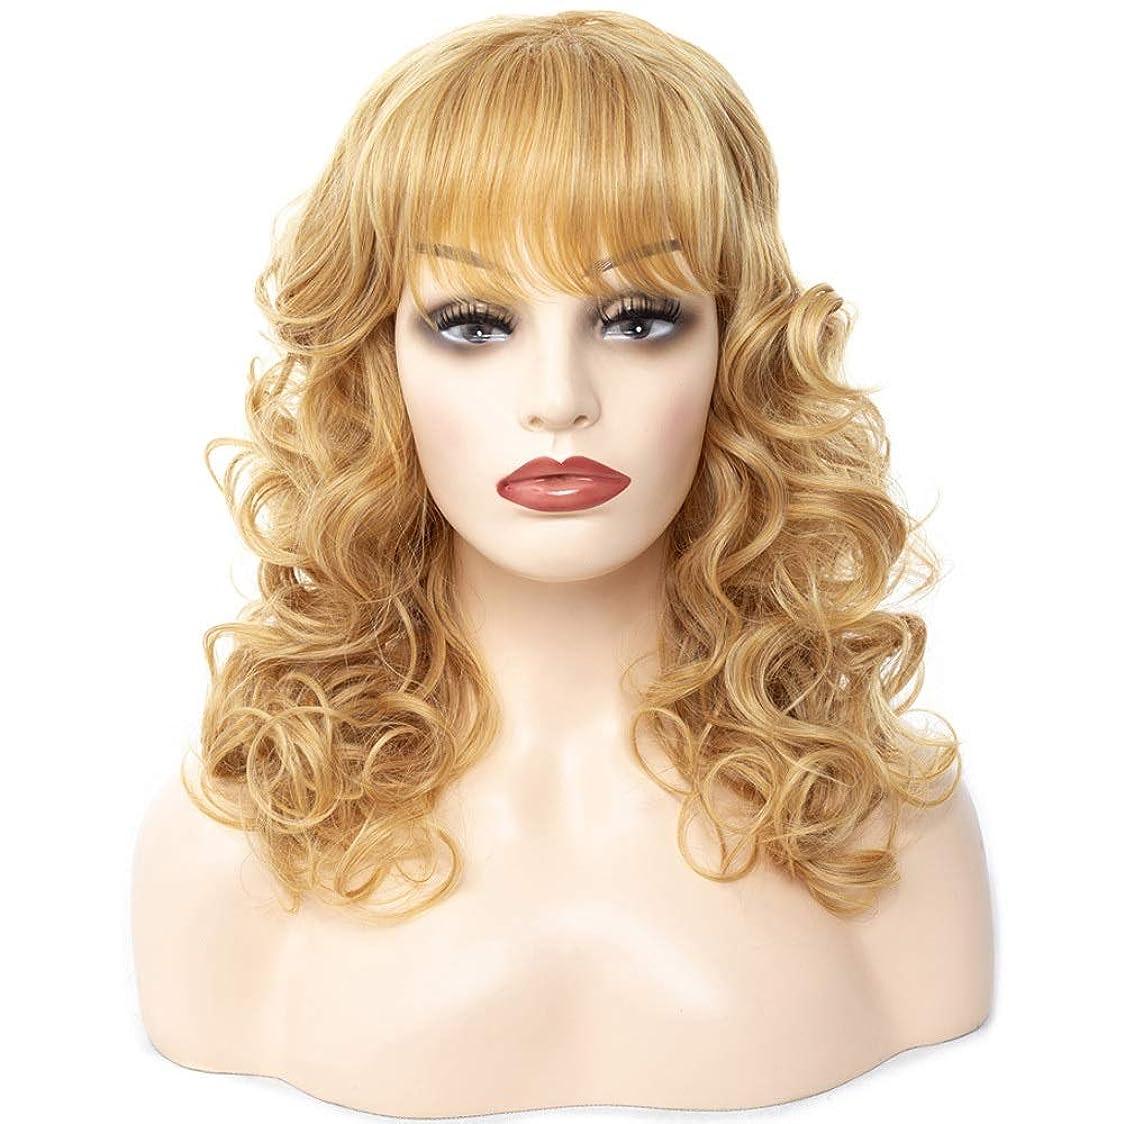 冒険火傷可動式かつら 女性のための前髪の黄色の長い巻き毛のかつら、合成のかつら、コスプレ衣装または毎日のかつらパーティーかつら (色 : イエロー, サイズ : 45cm)